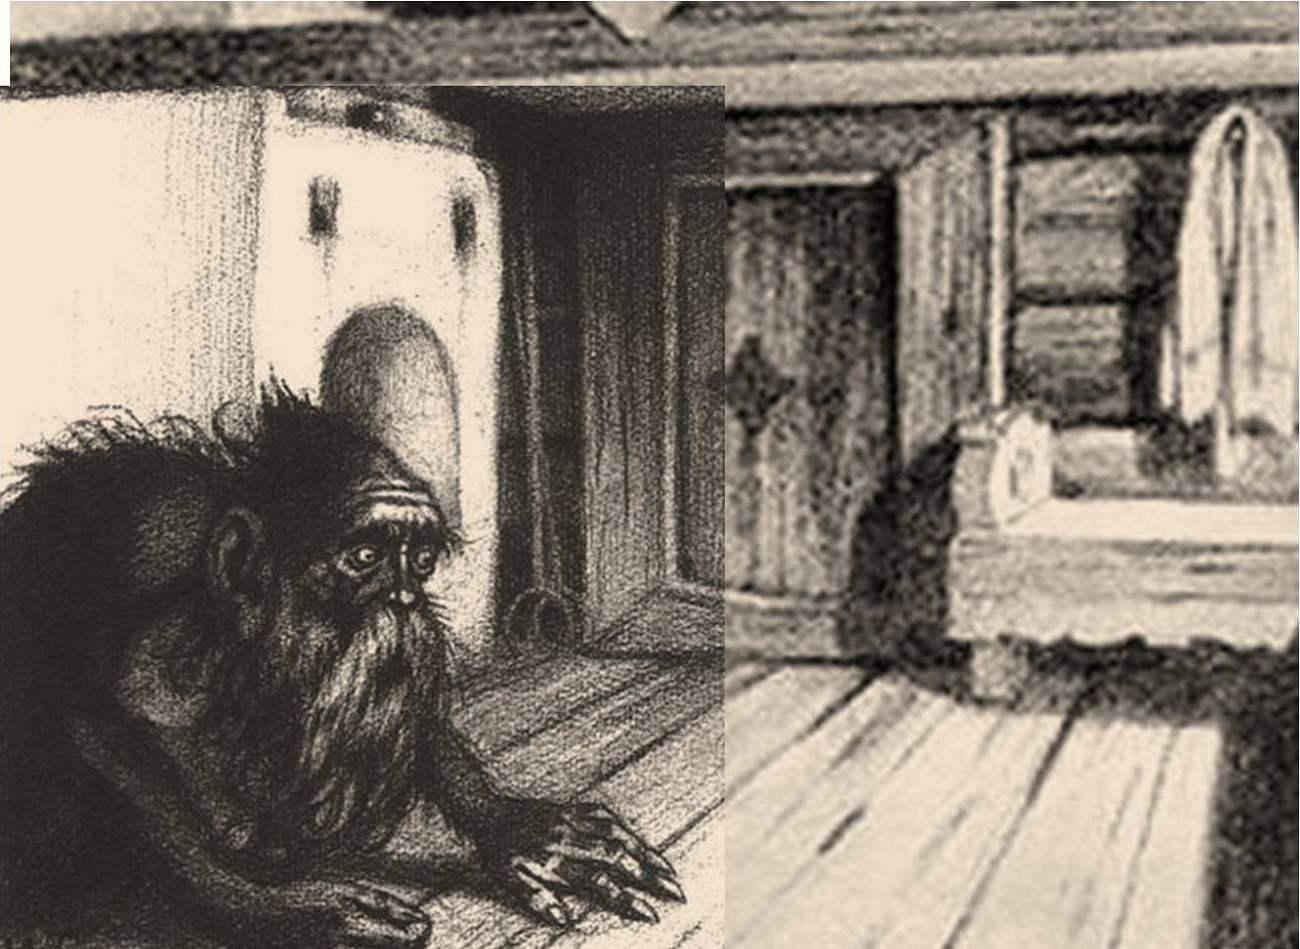 Conheça 5 criaturas da mitologia eslava